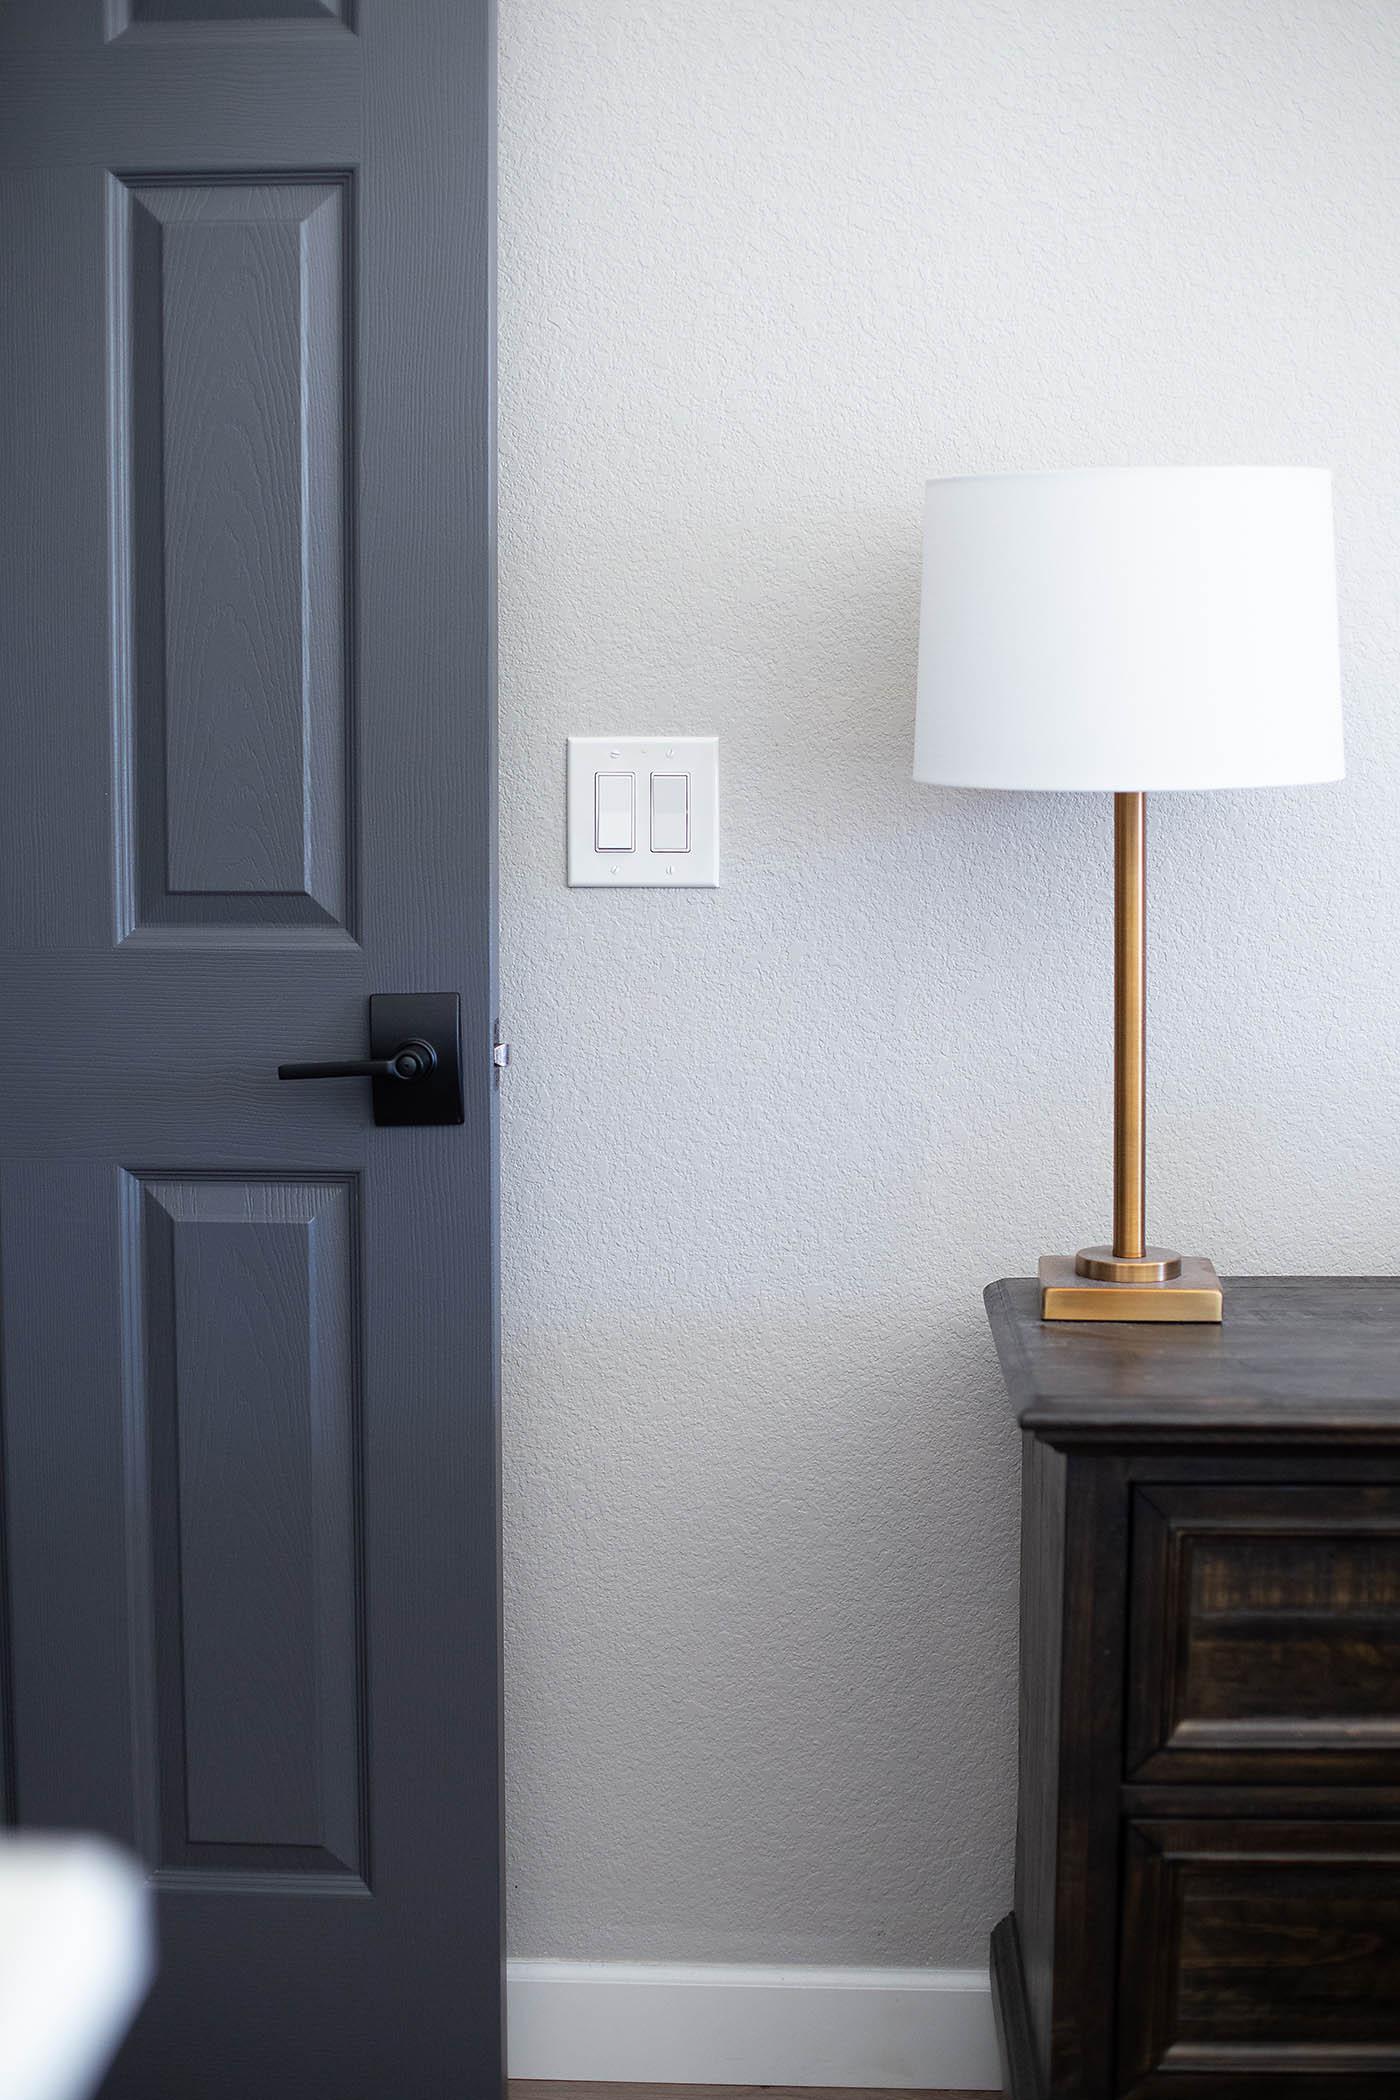 How to paint your interior doors dark grey & Dark Gray Doors - How to Paint Your Own - All for the Memories